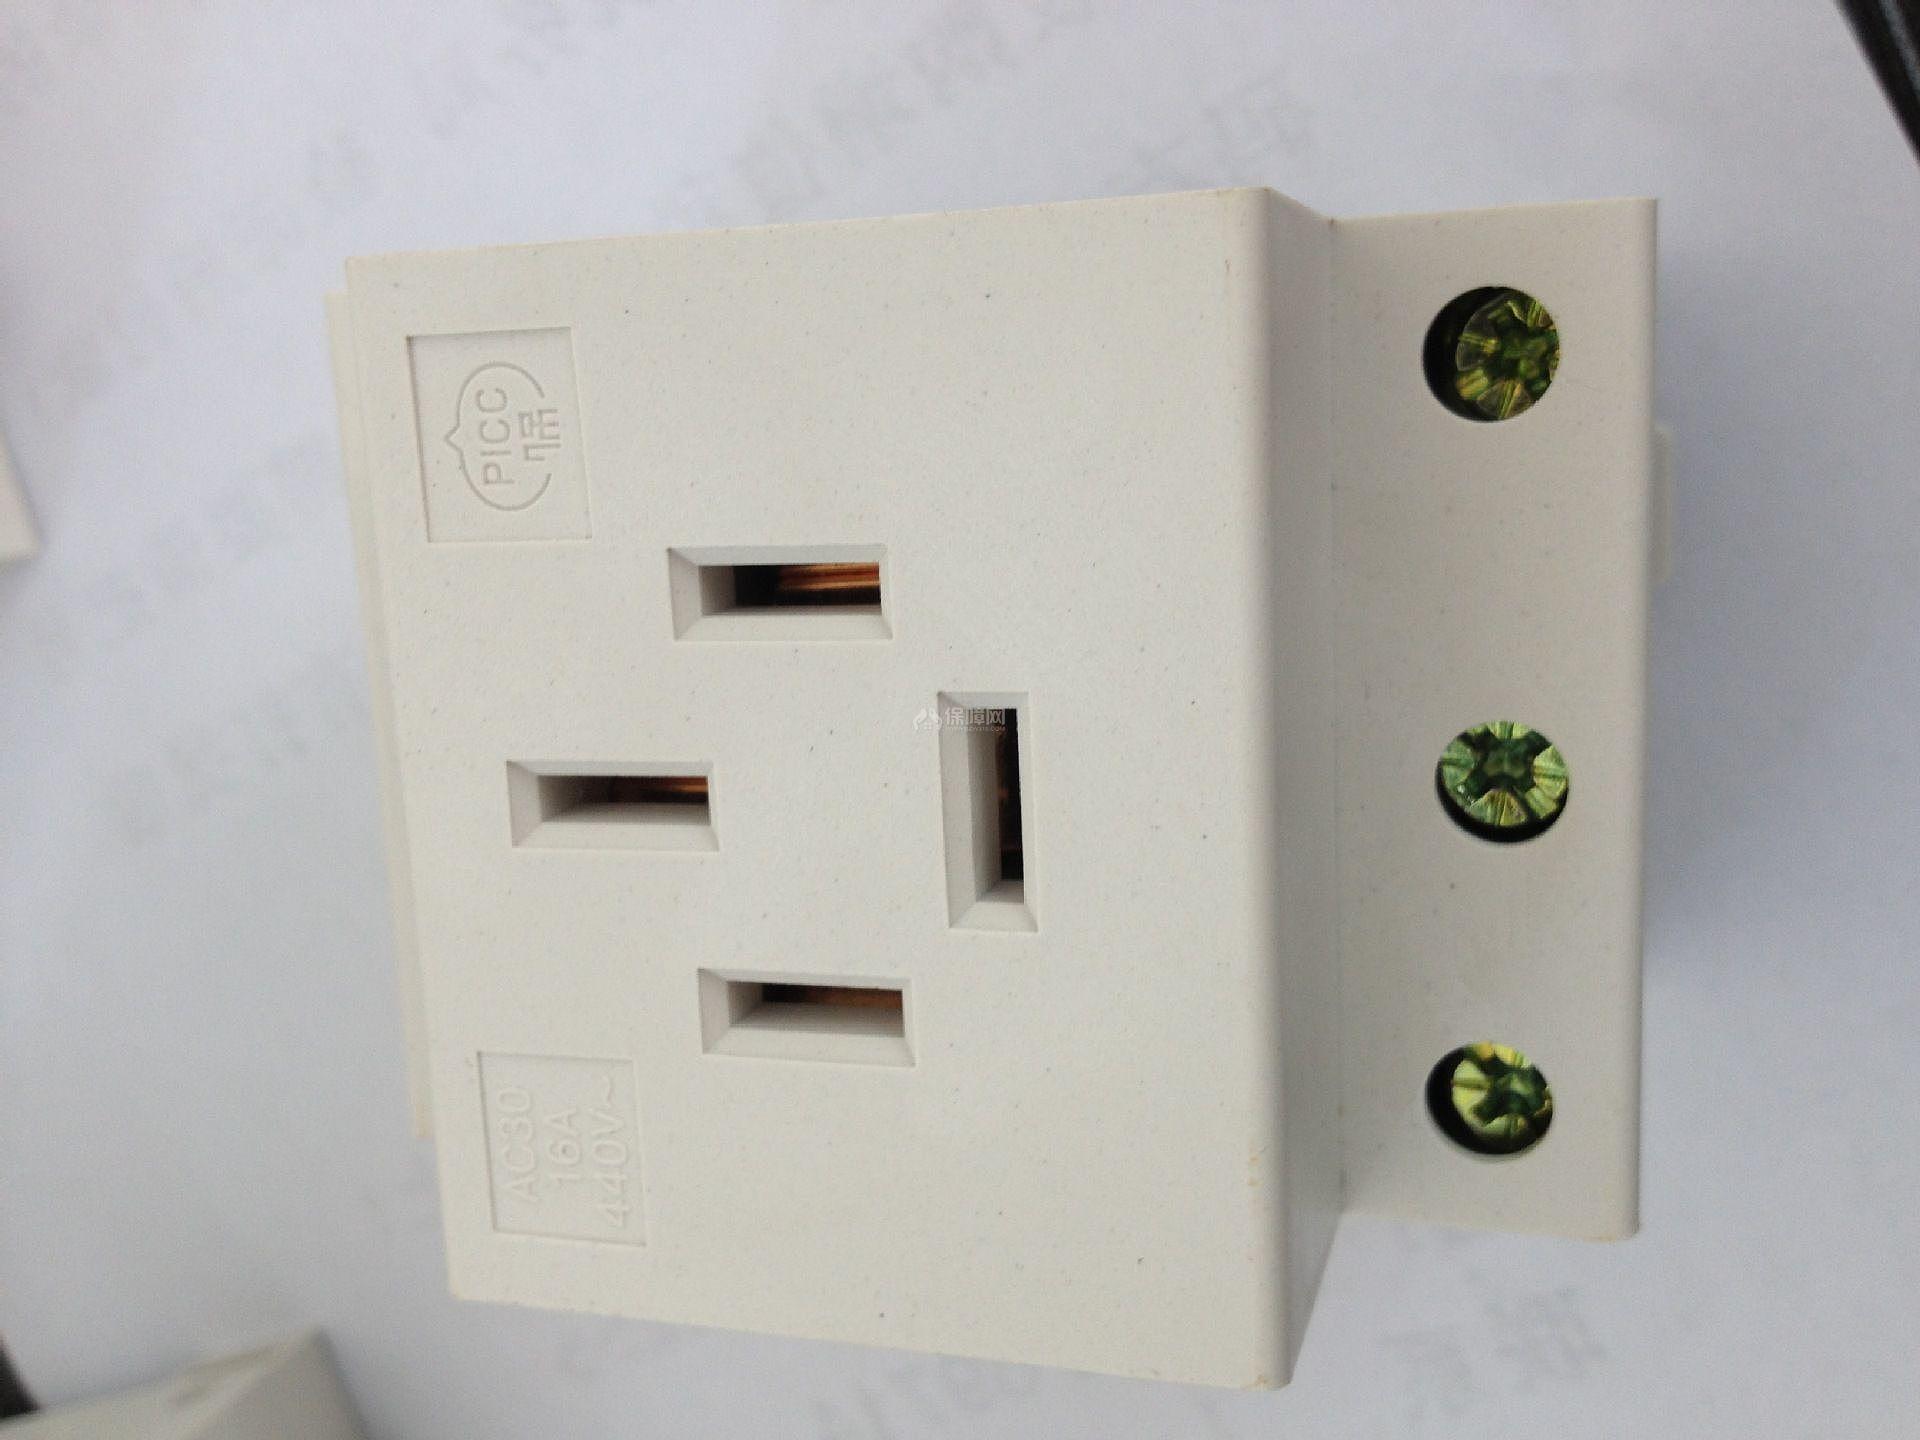 家庭电源开关怎么接 家庭电源插座怎么接